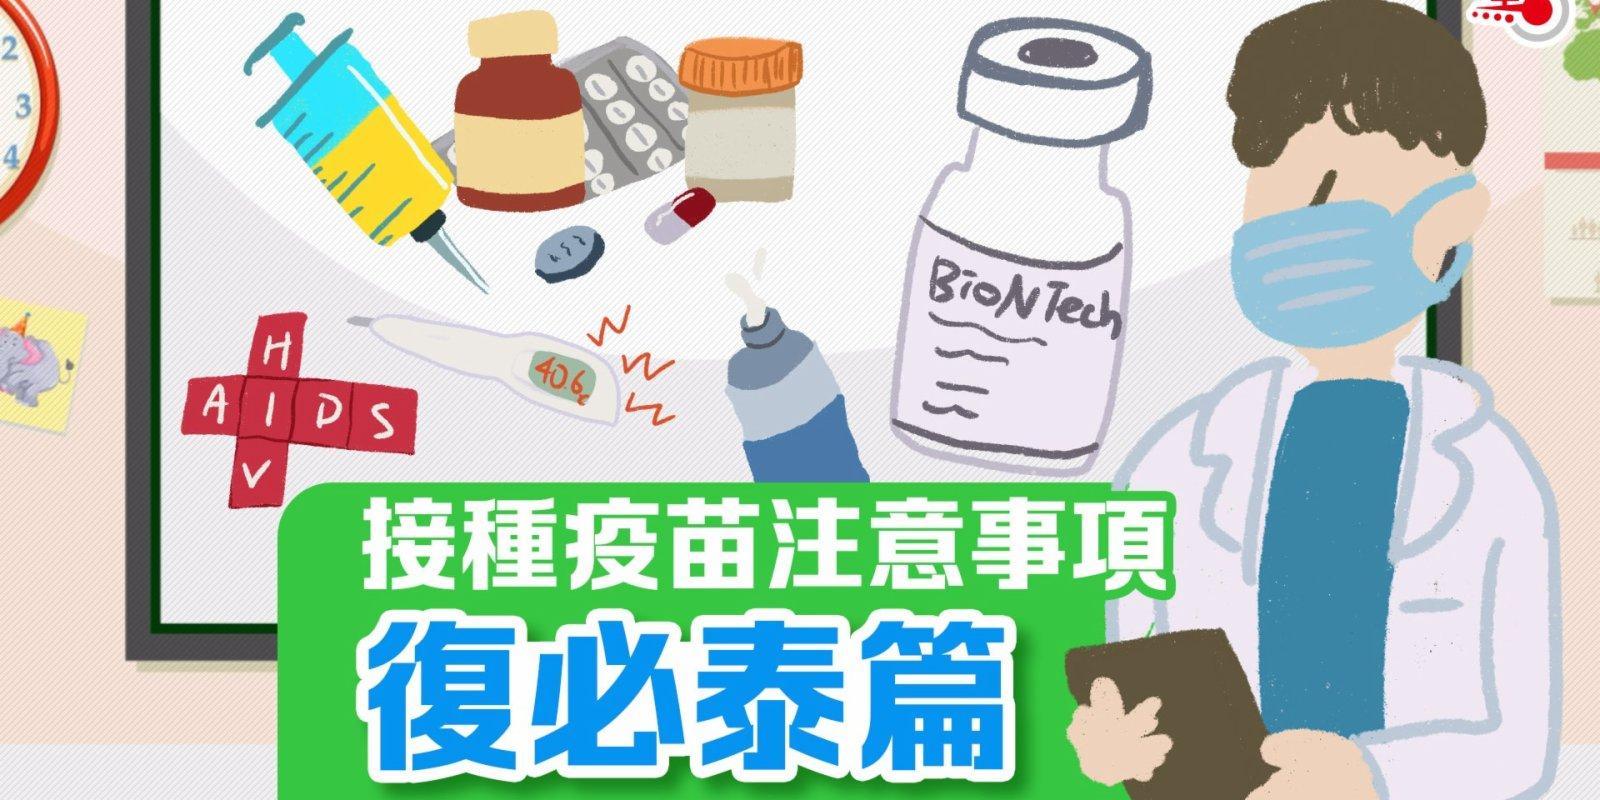 動畫 接種疫苗注意事項—復必泰篇